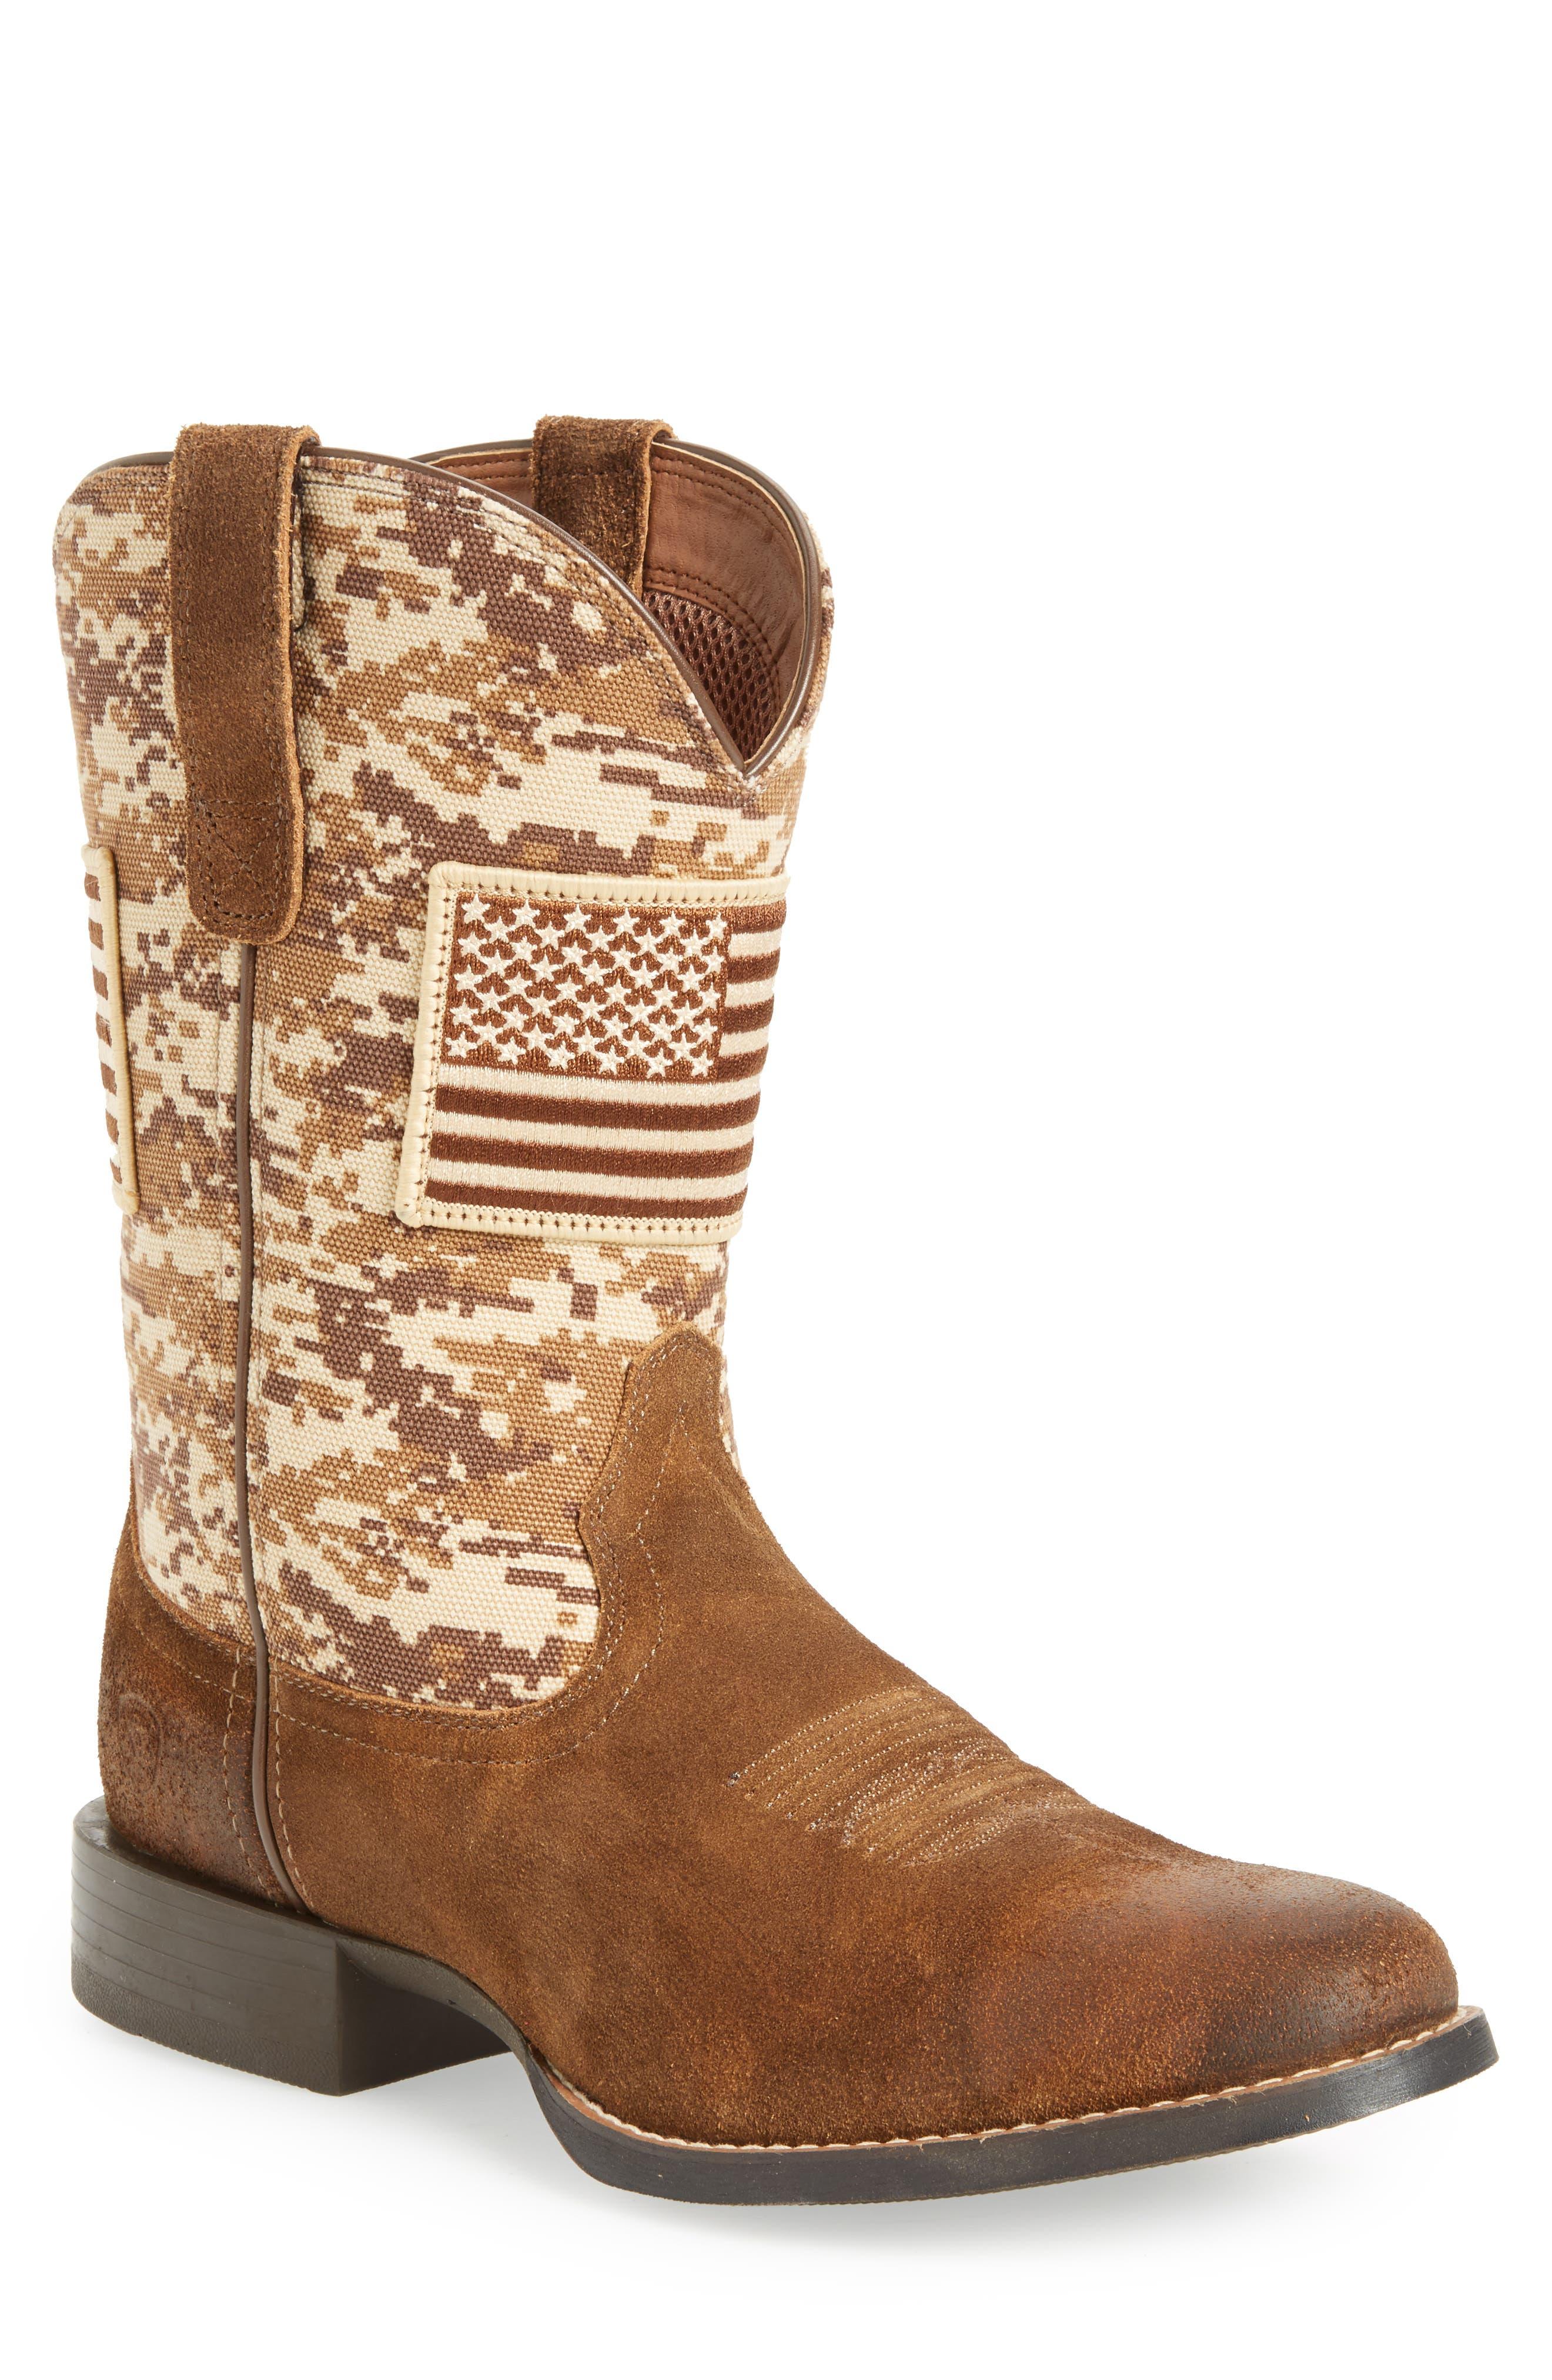 ARIAT Sport Patriot Cowboy Boot, Main, color, ANTIQUE MOCHA/ SAND LEATHER